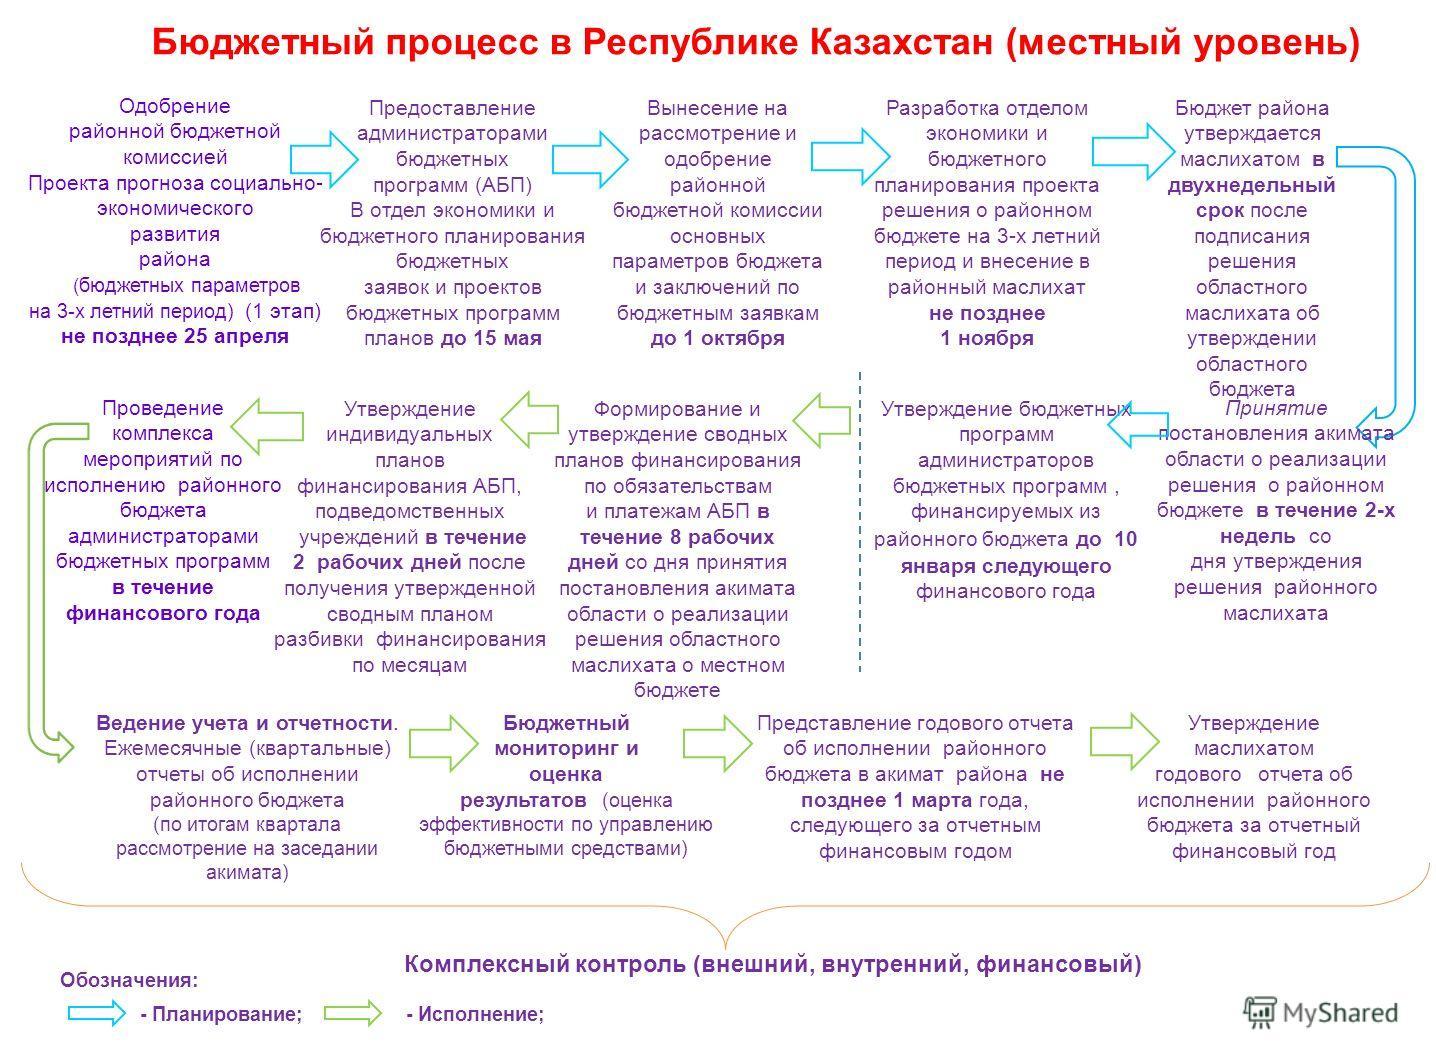 Бюджетный процесс в Республике Казахстан (местный уровень) Предоставление администраторами бюджетных программ (АБП) В отдел экономики и бюджетного планирования бюджетных заявок и проектов бюджетных программ планов до 15 мая Разработка отделом экономи